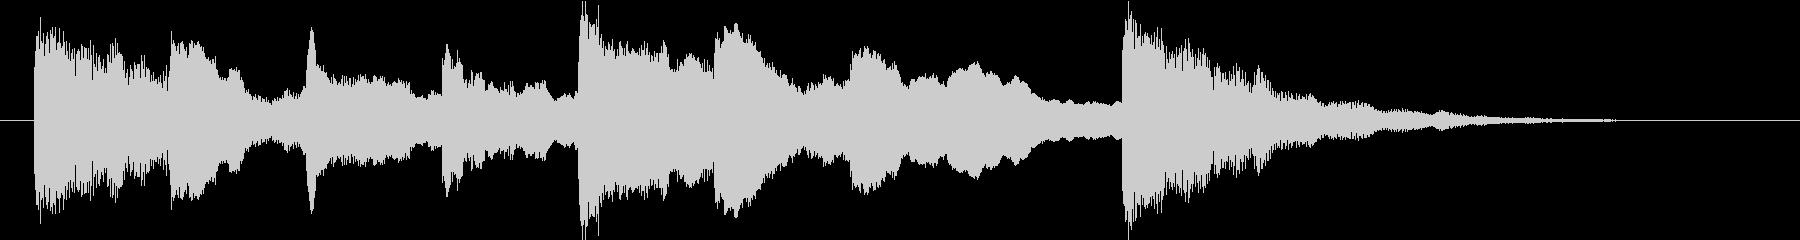 幻想的・未来的な映像オープニングロゴの未再生の波形